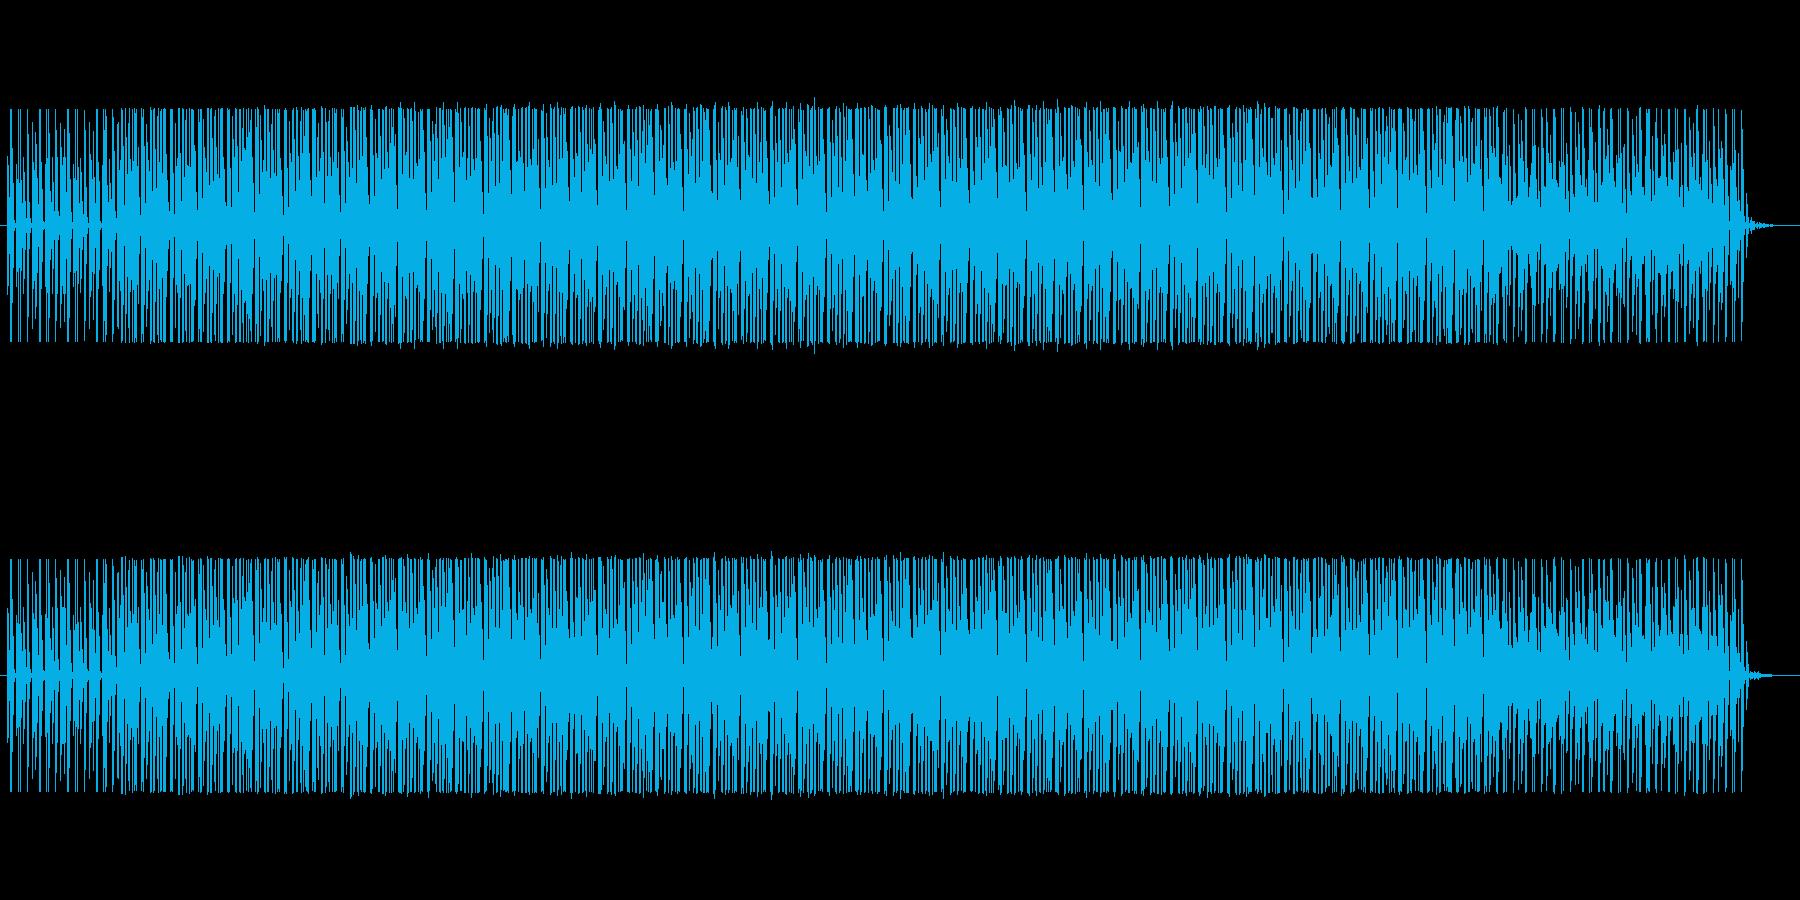 雰囲気重視のシンプルなループの再生済みの波形